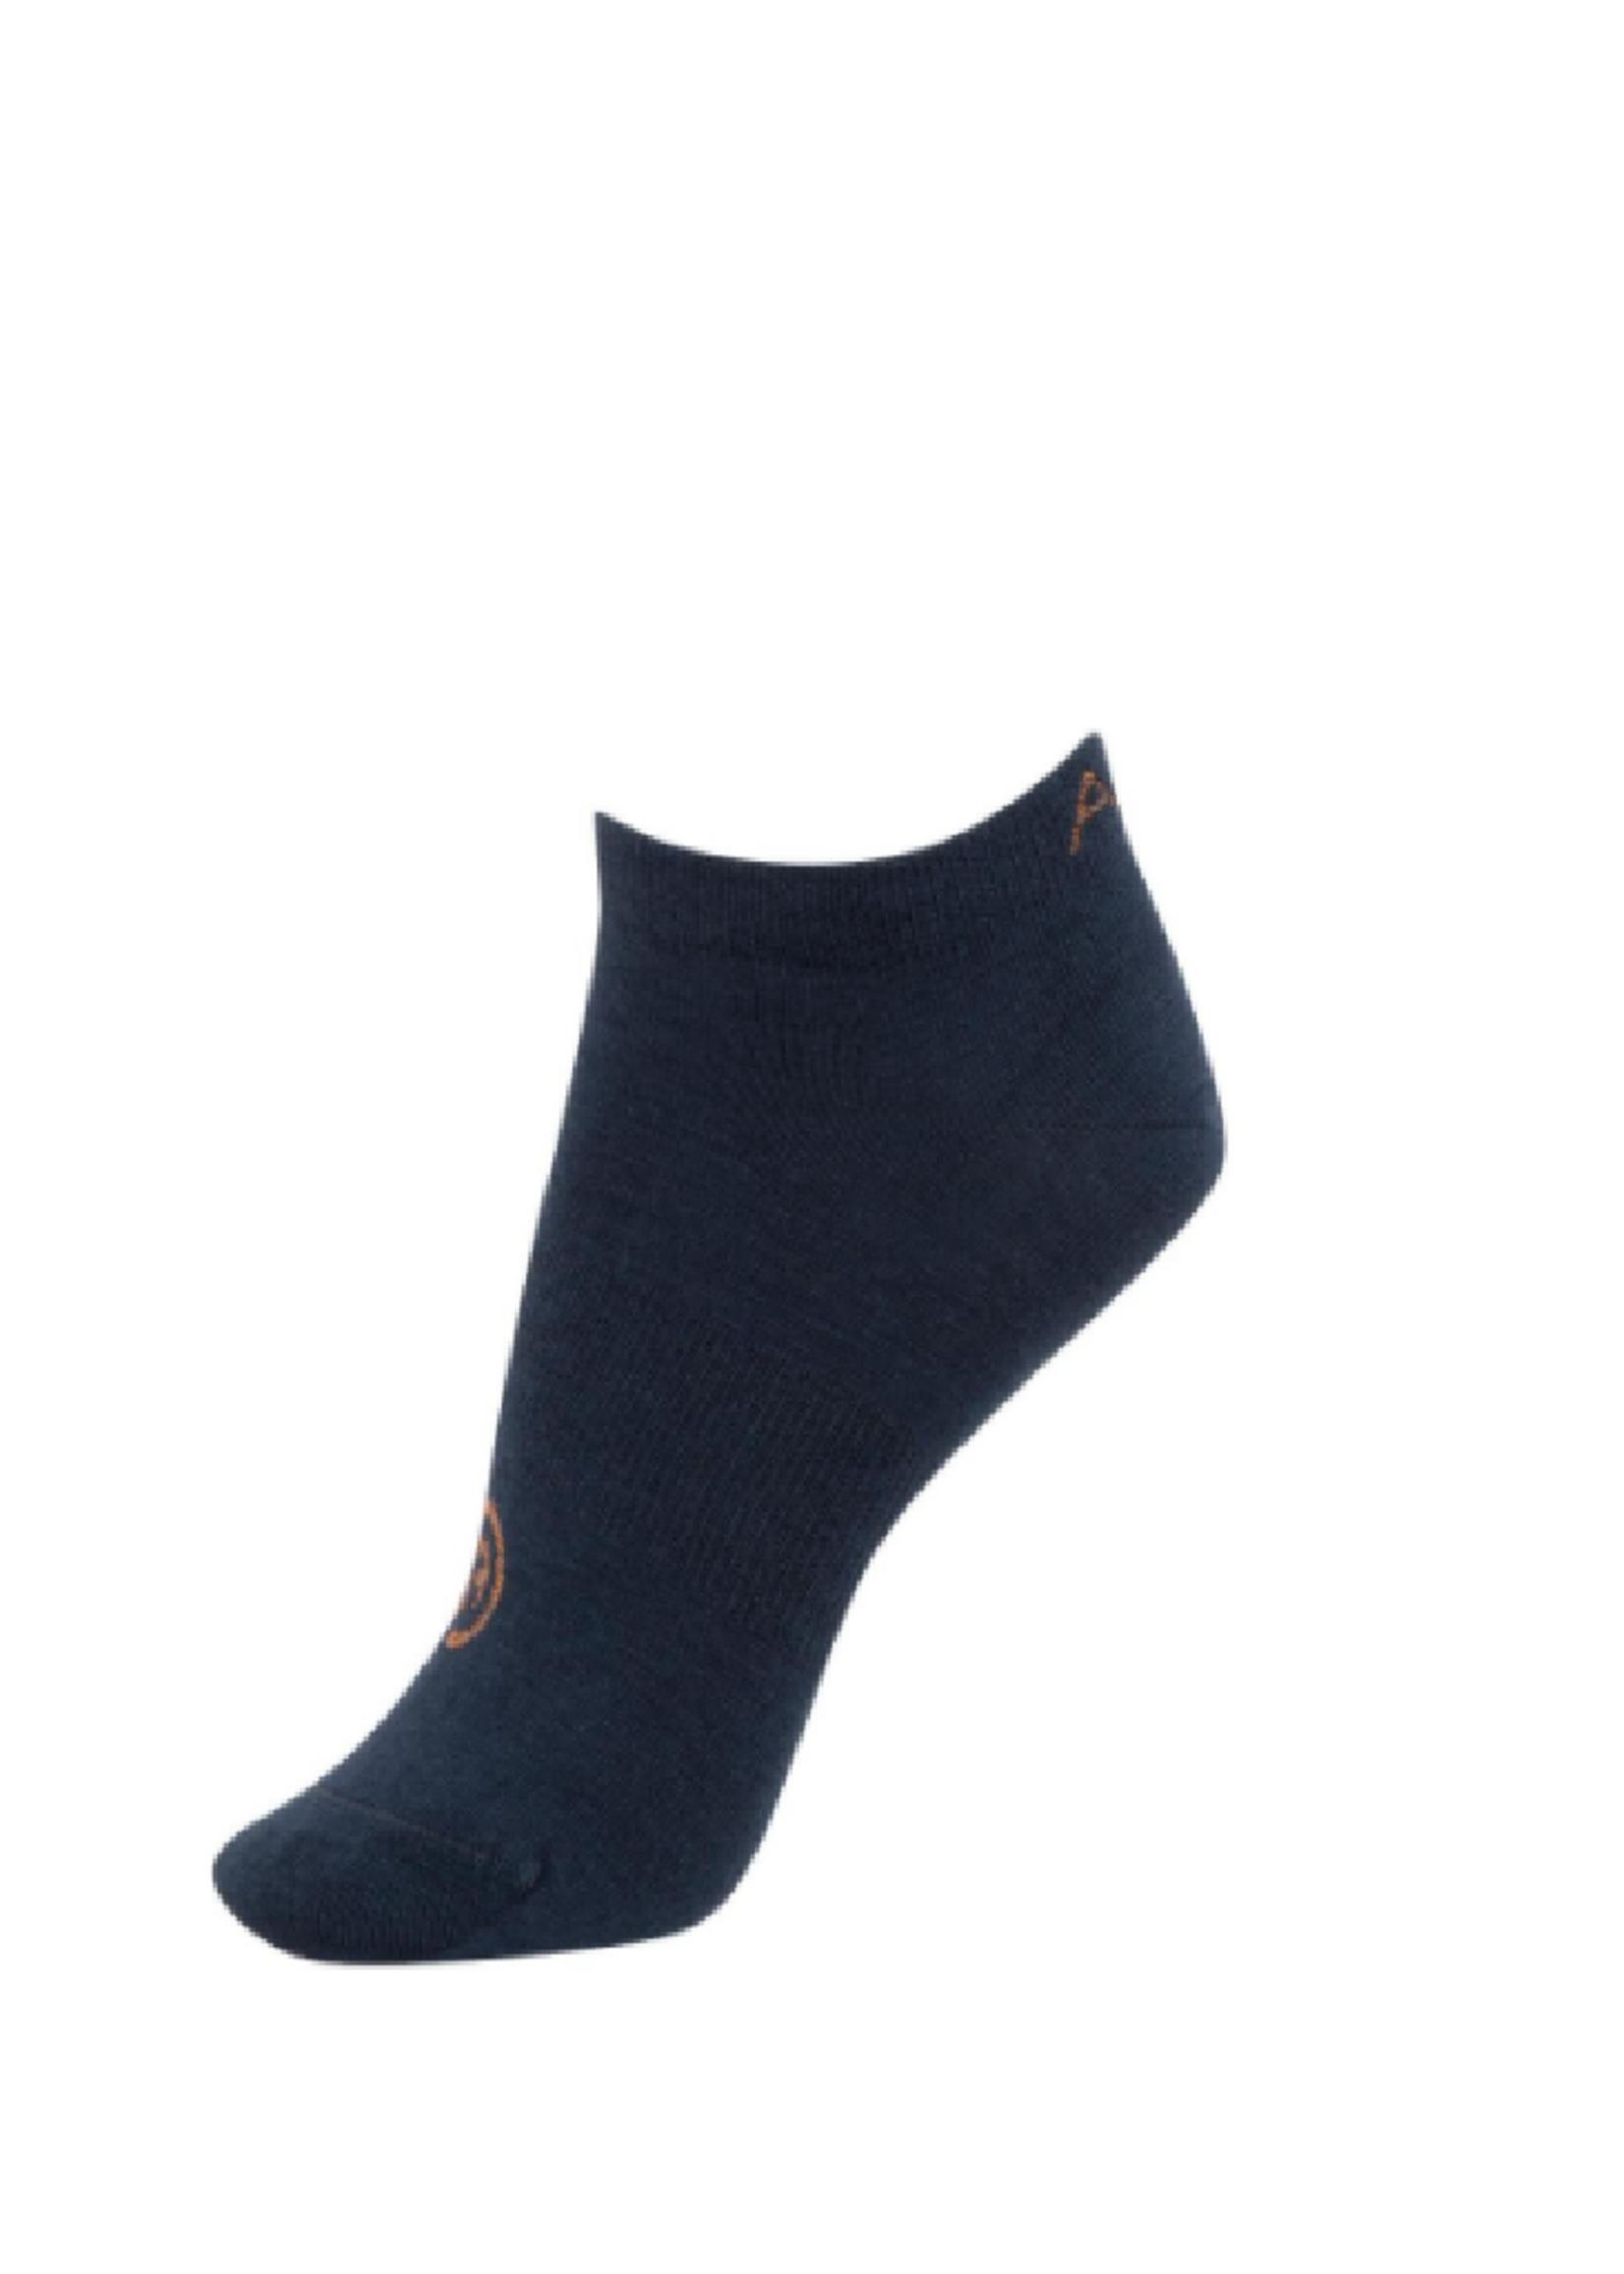 Anky ANKY® Sneaker Socks